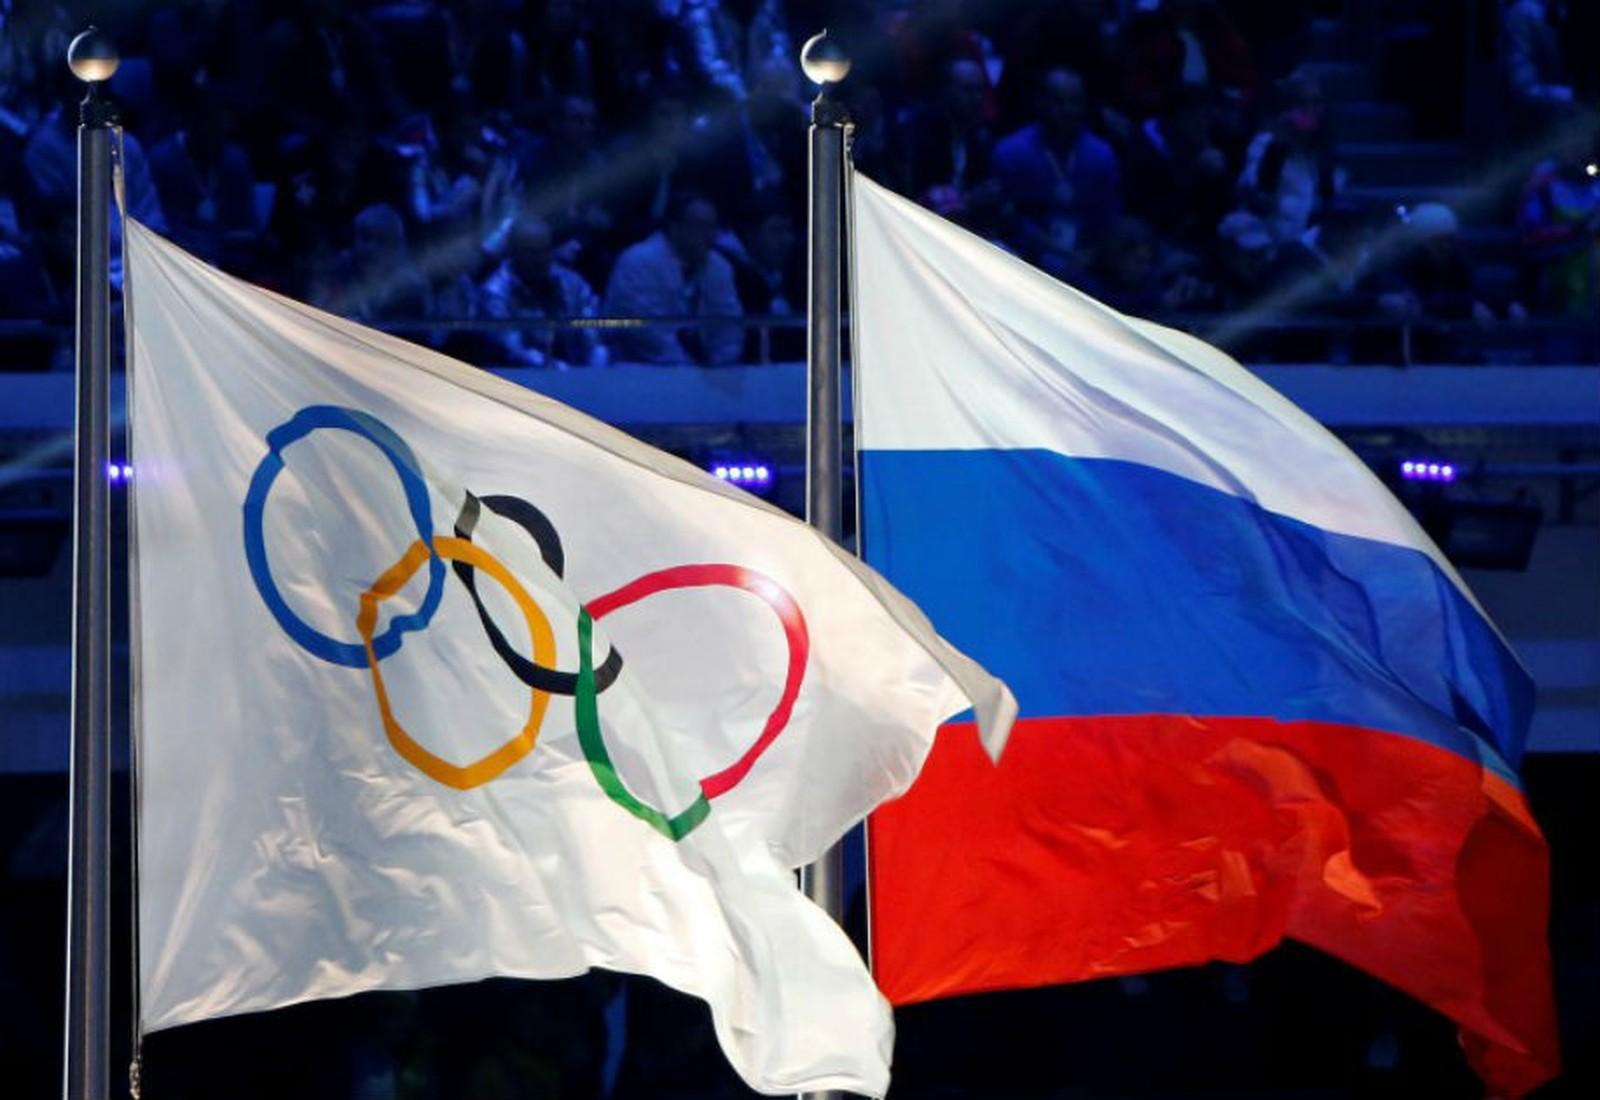 Rússia é excluída de competições esportivas mundias por até quatro anos